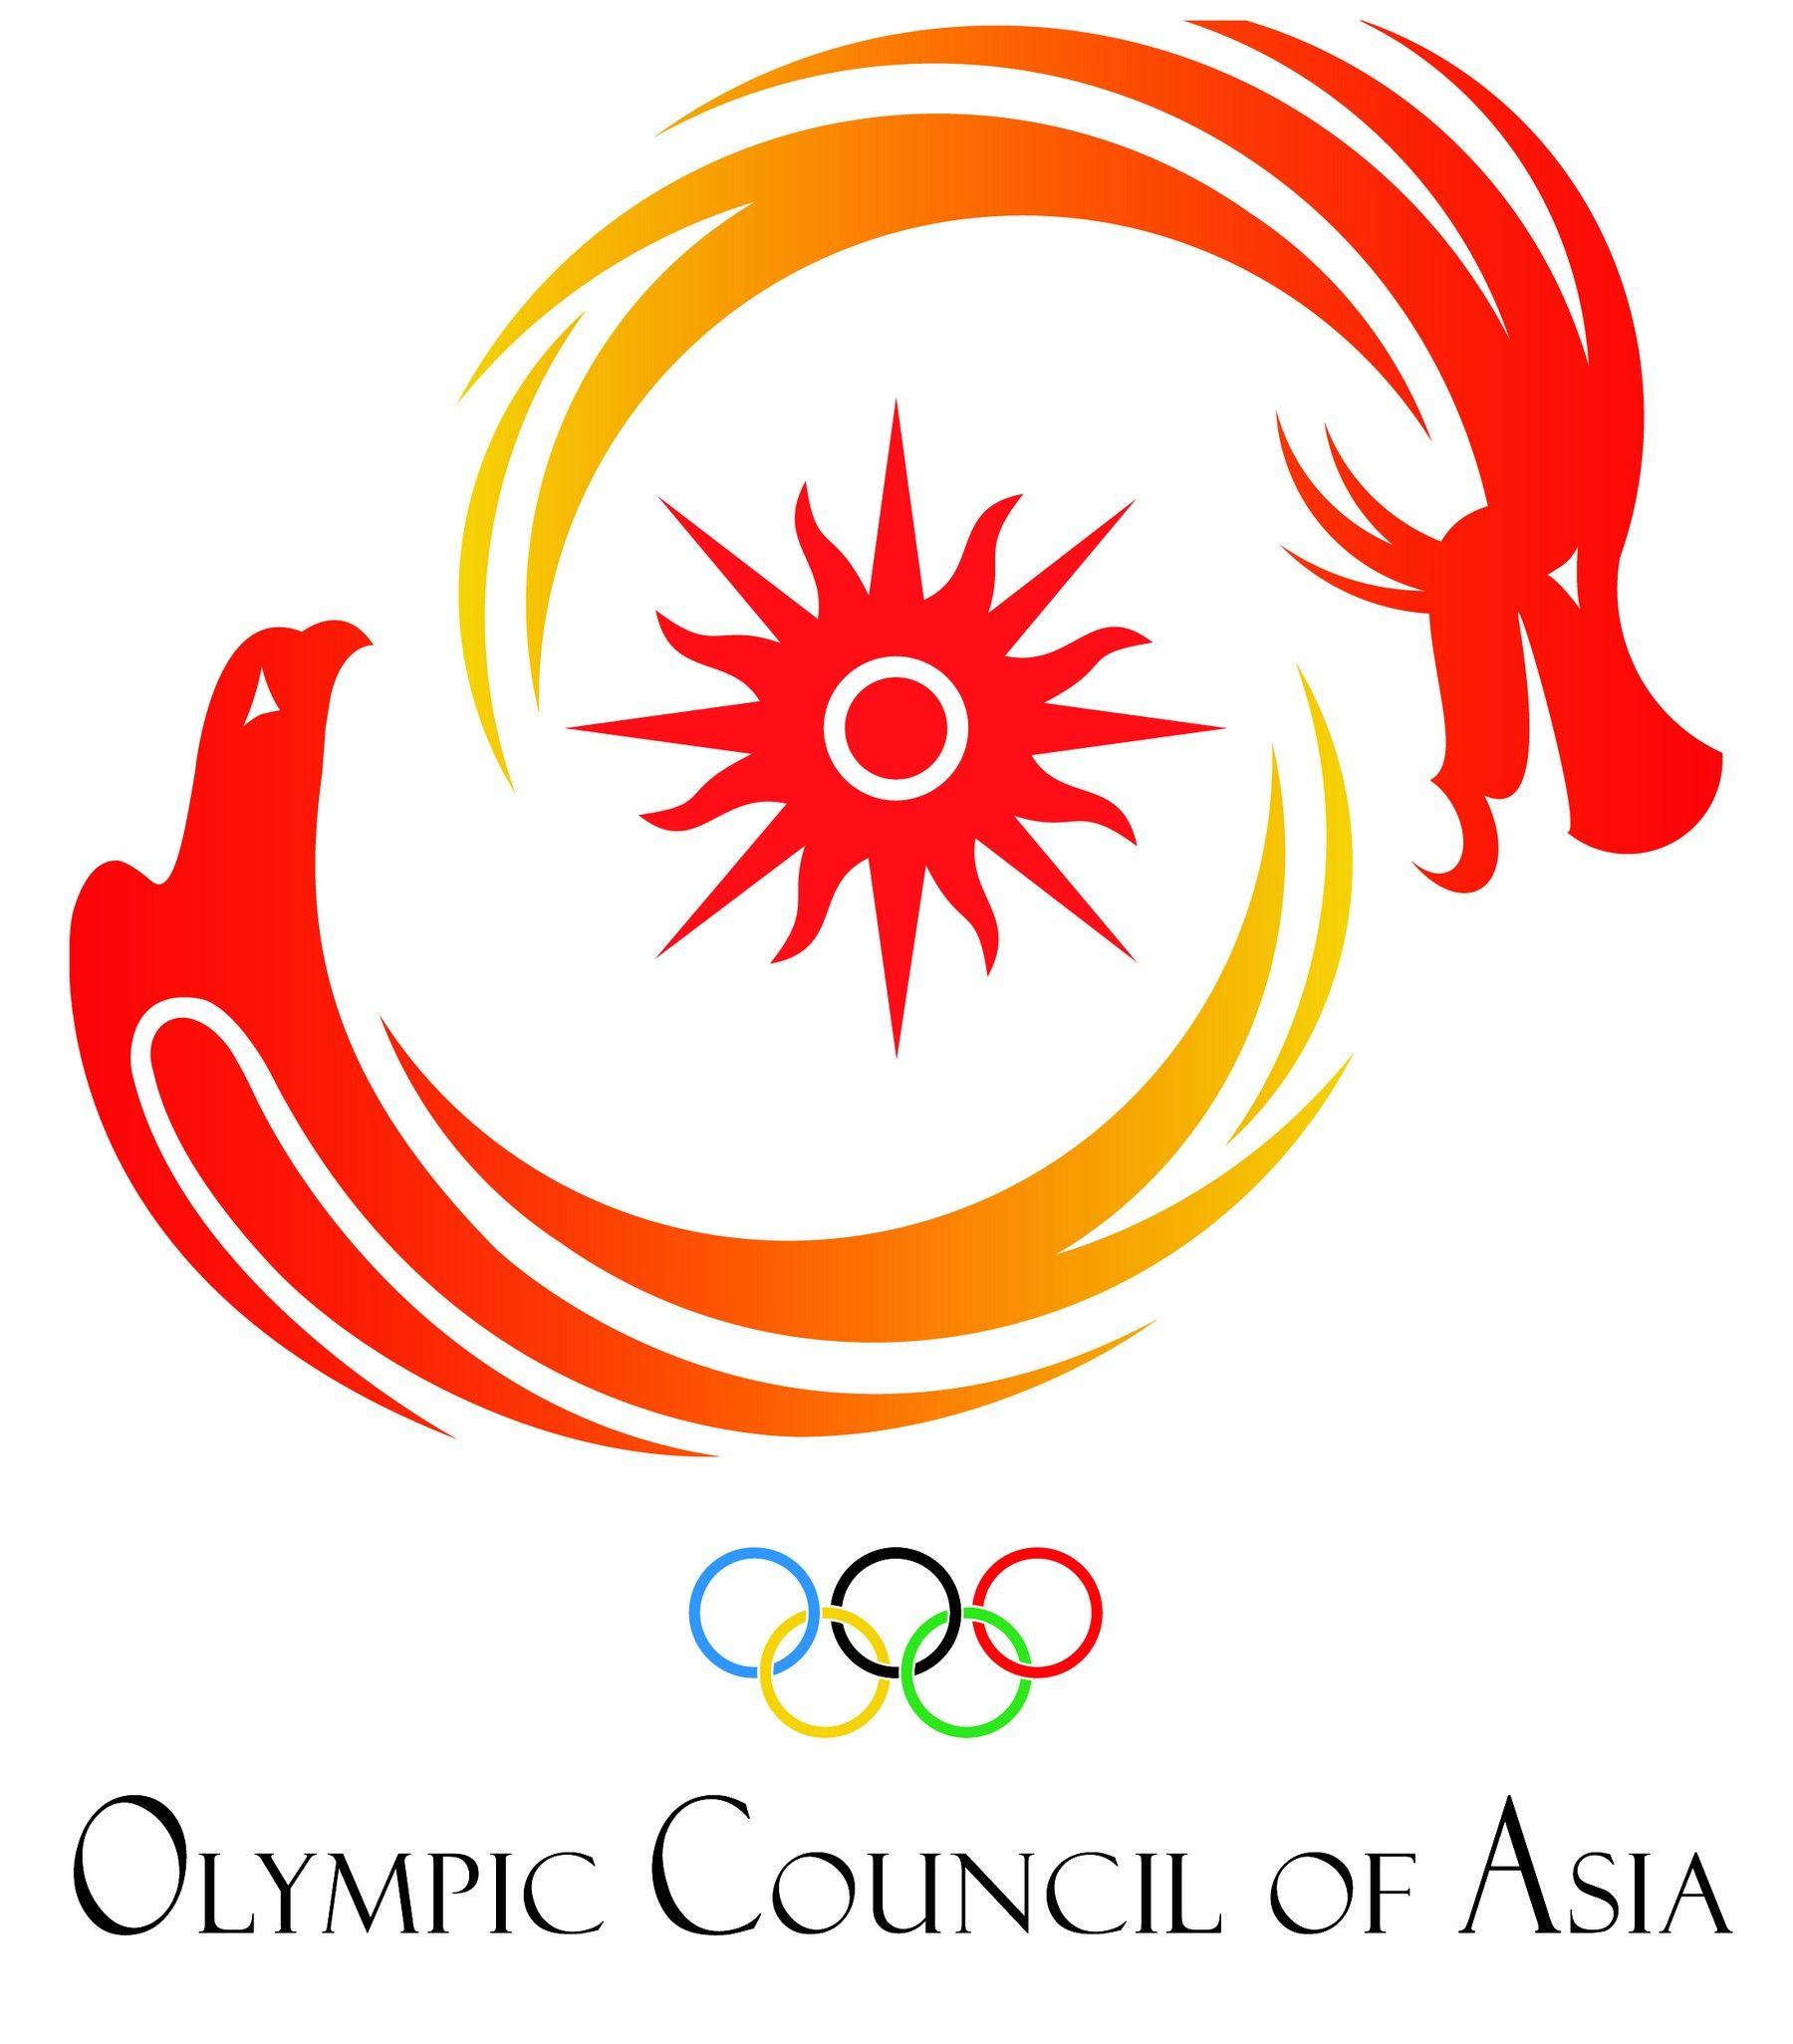 Olympic Council Of Asia Oca Logo Ai File Ai Ai File Ai Format Ai Logo Asia Asya Olimpiyat Konseyi Consejo Olimpico De Asia Con Asia Olympics Logos